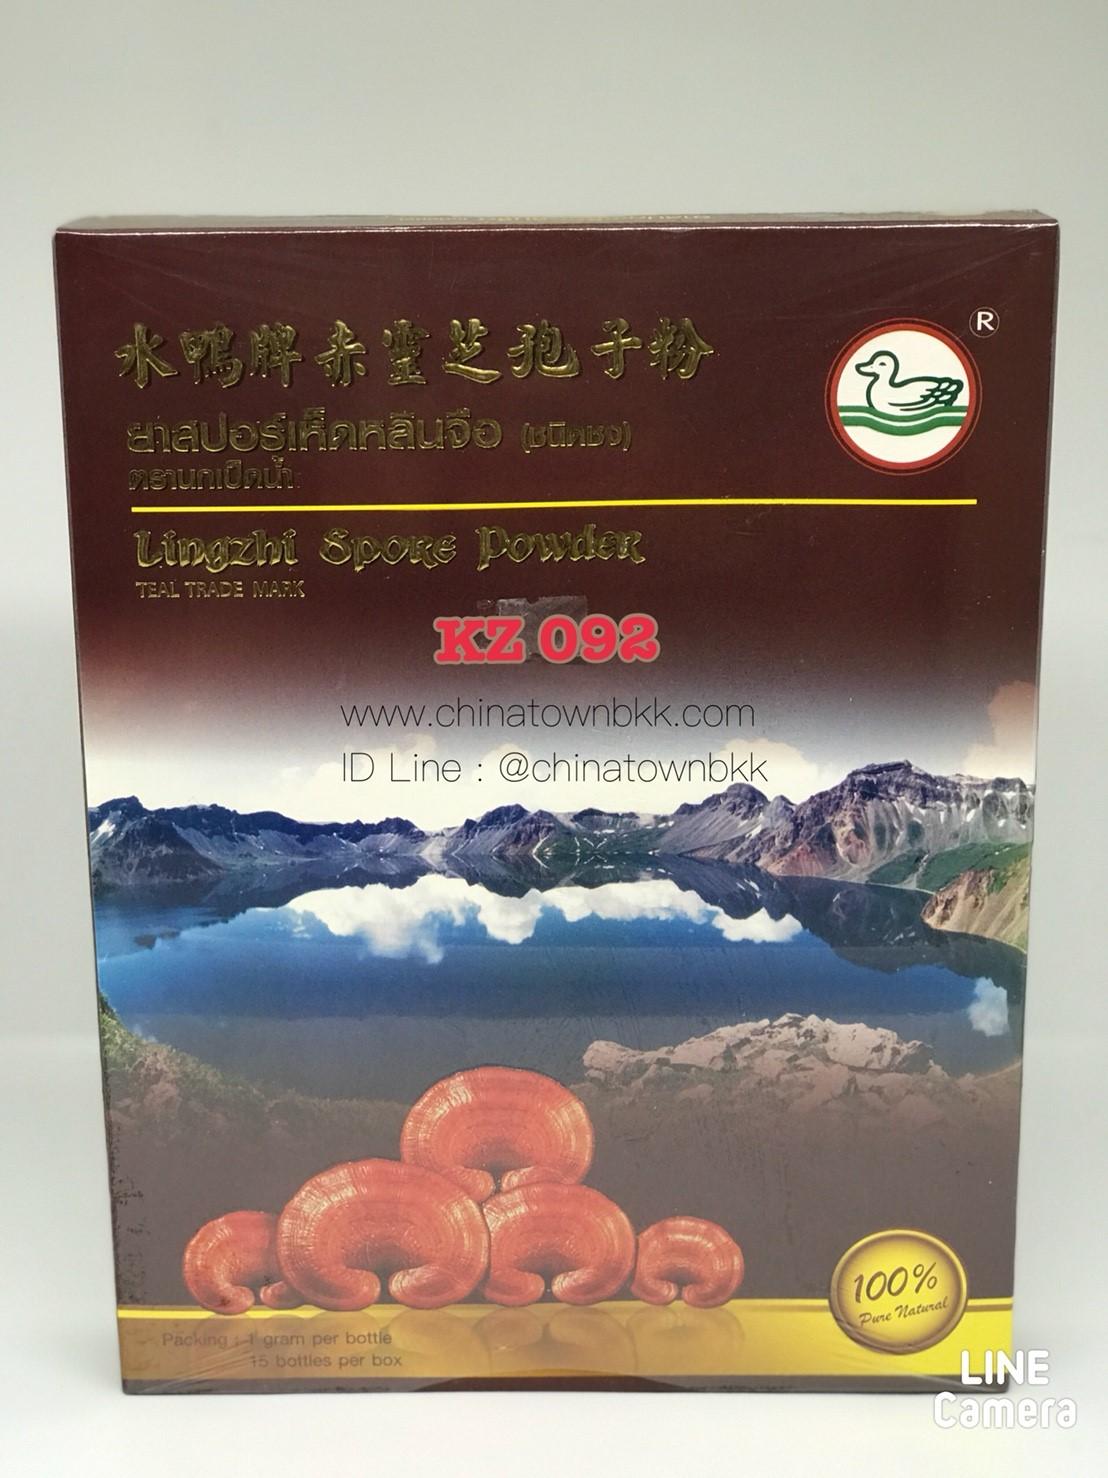 ยาสปอร์เห็ดหลินจือ (ชนิดชง) ตรานกเป็ดนำ้ Lingzhi Spore Powder